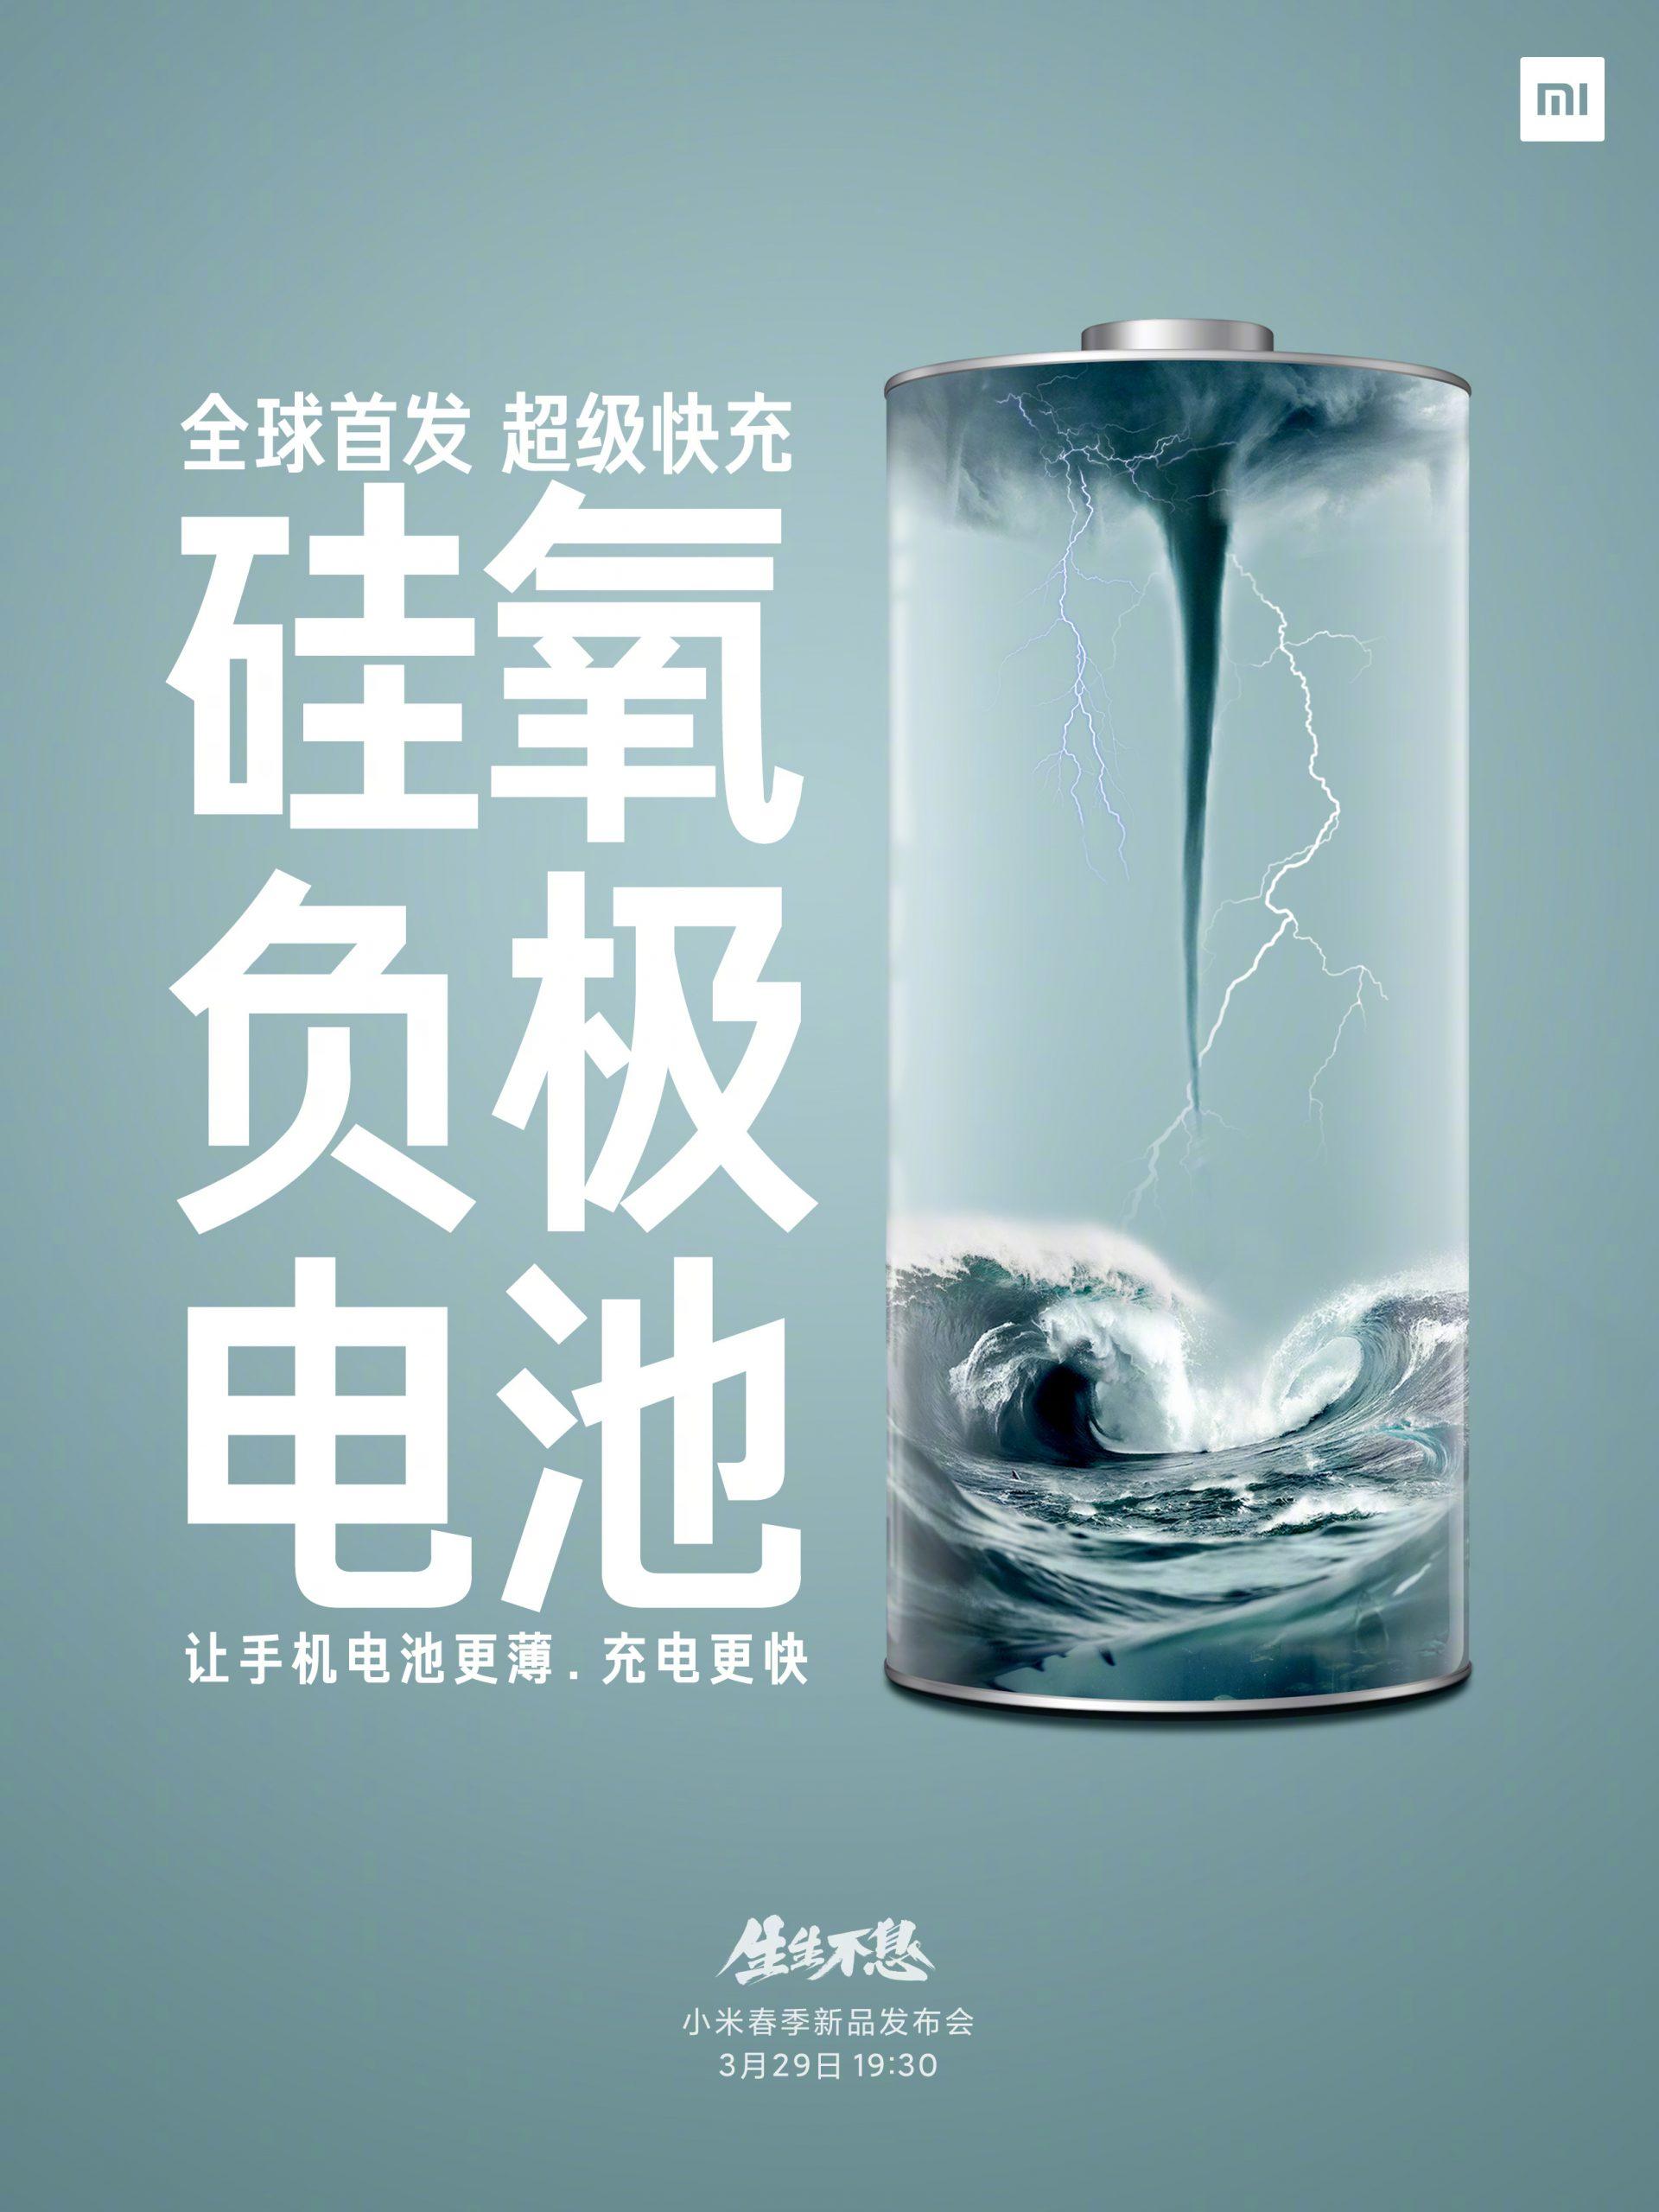 El Xiaomi Mi 11 Ultra contará con la primera batería de ánodo de silicio-aire del mercado